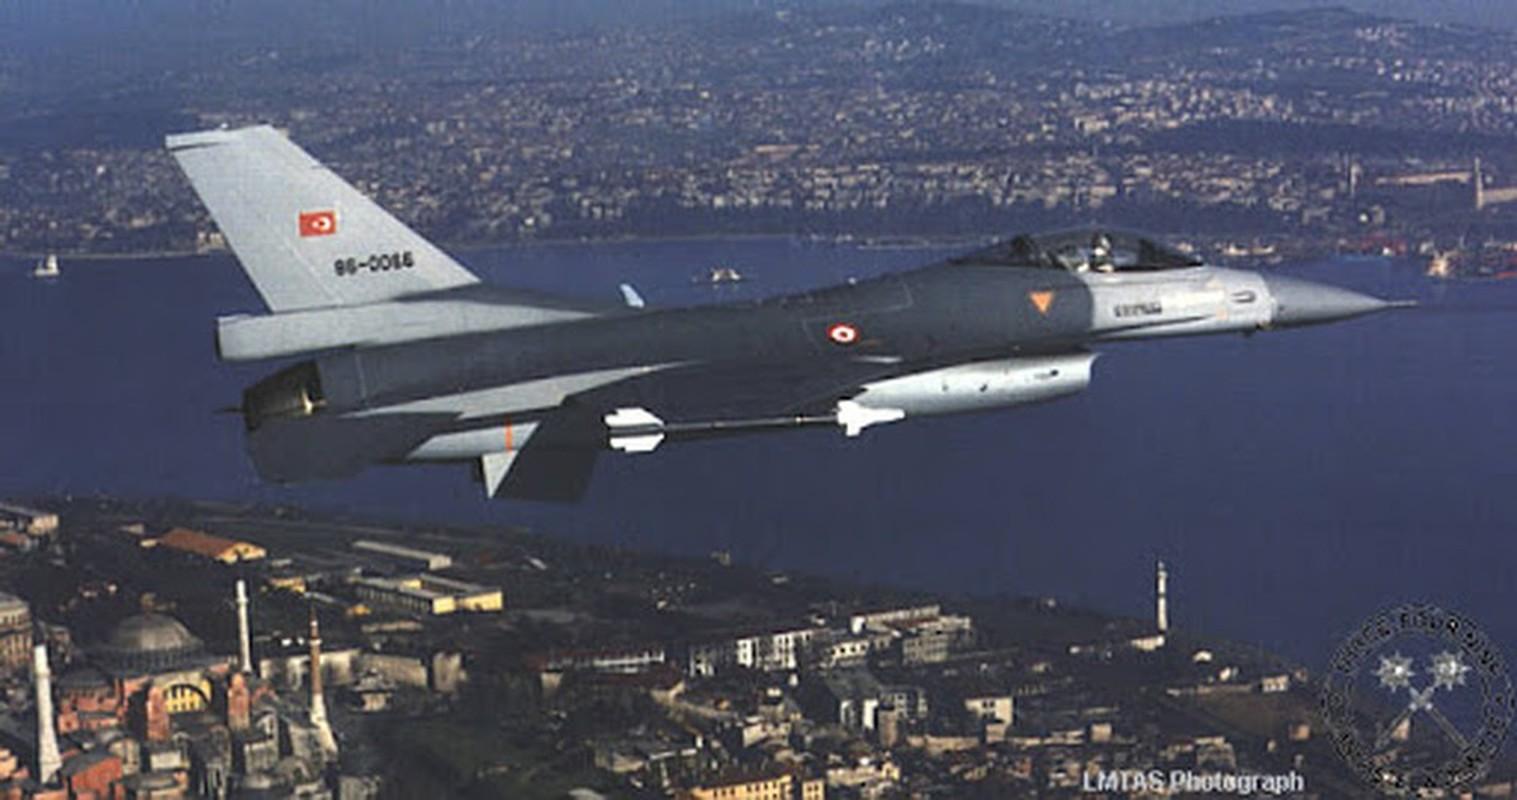 Neu giao tranh, F-16 Tho Nhi Ky co vuot qua duoc S-300 Syria?-Hinh-6